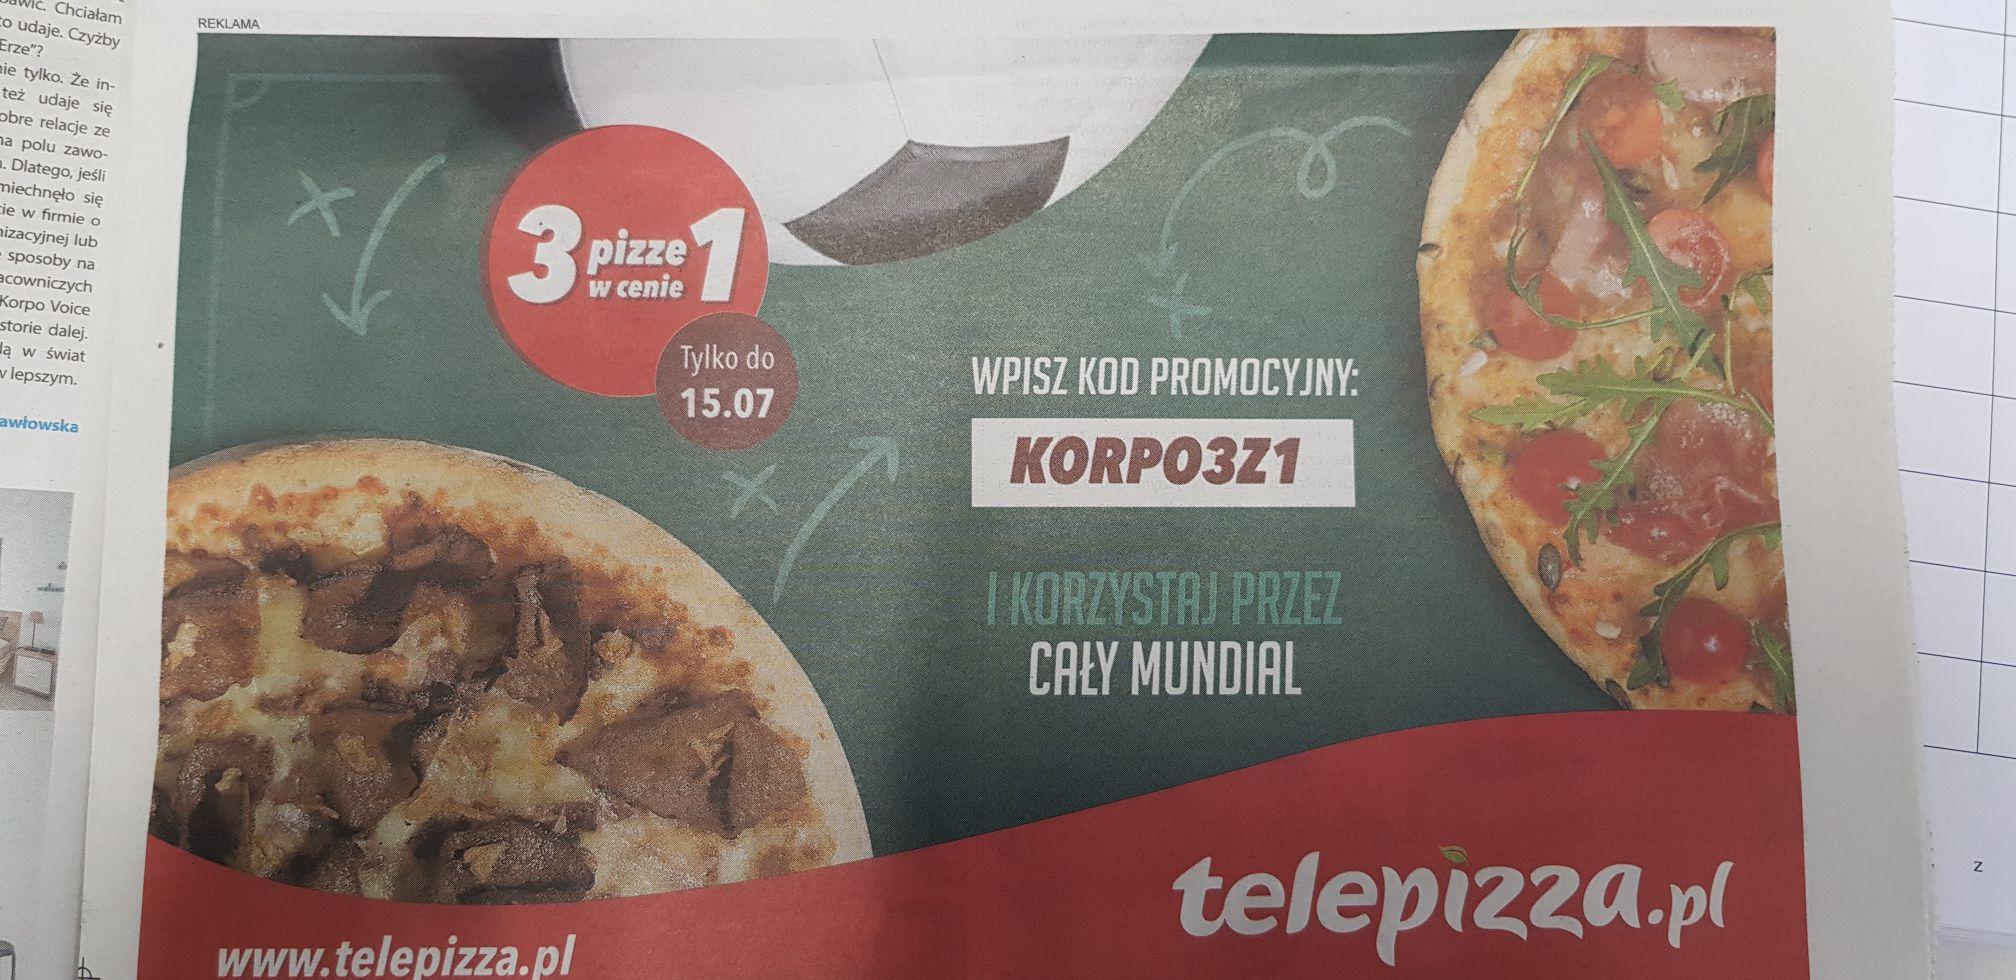 Telepizza 3 pizze w cenie 1